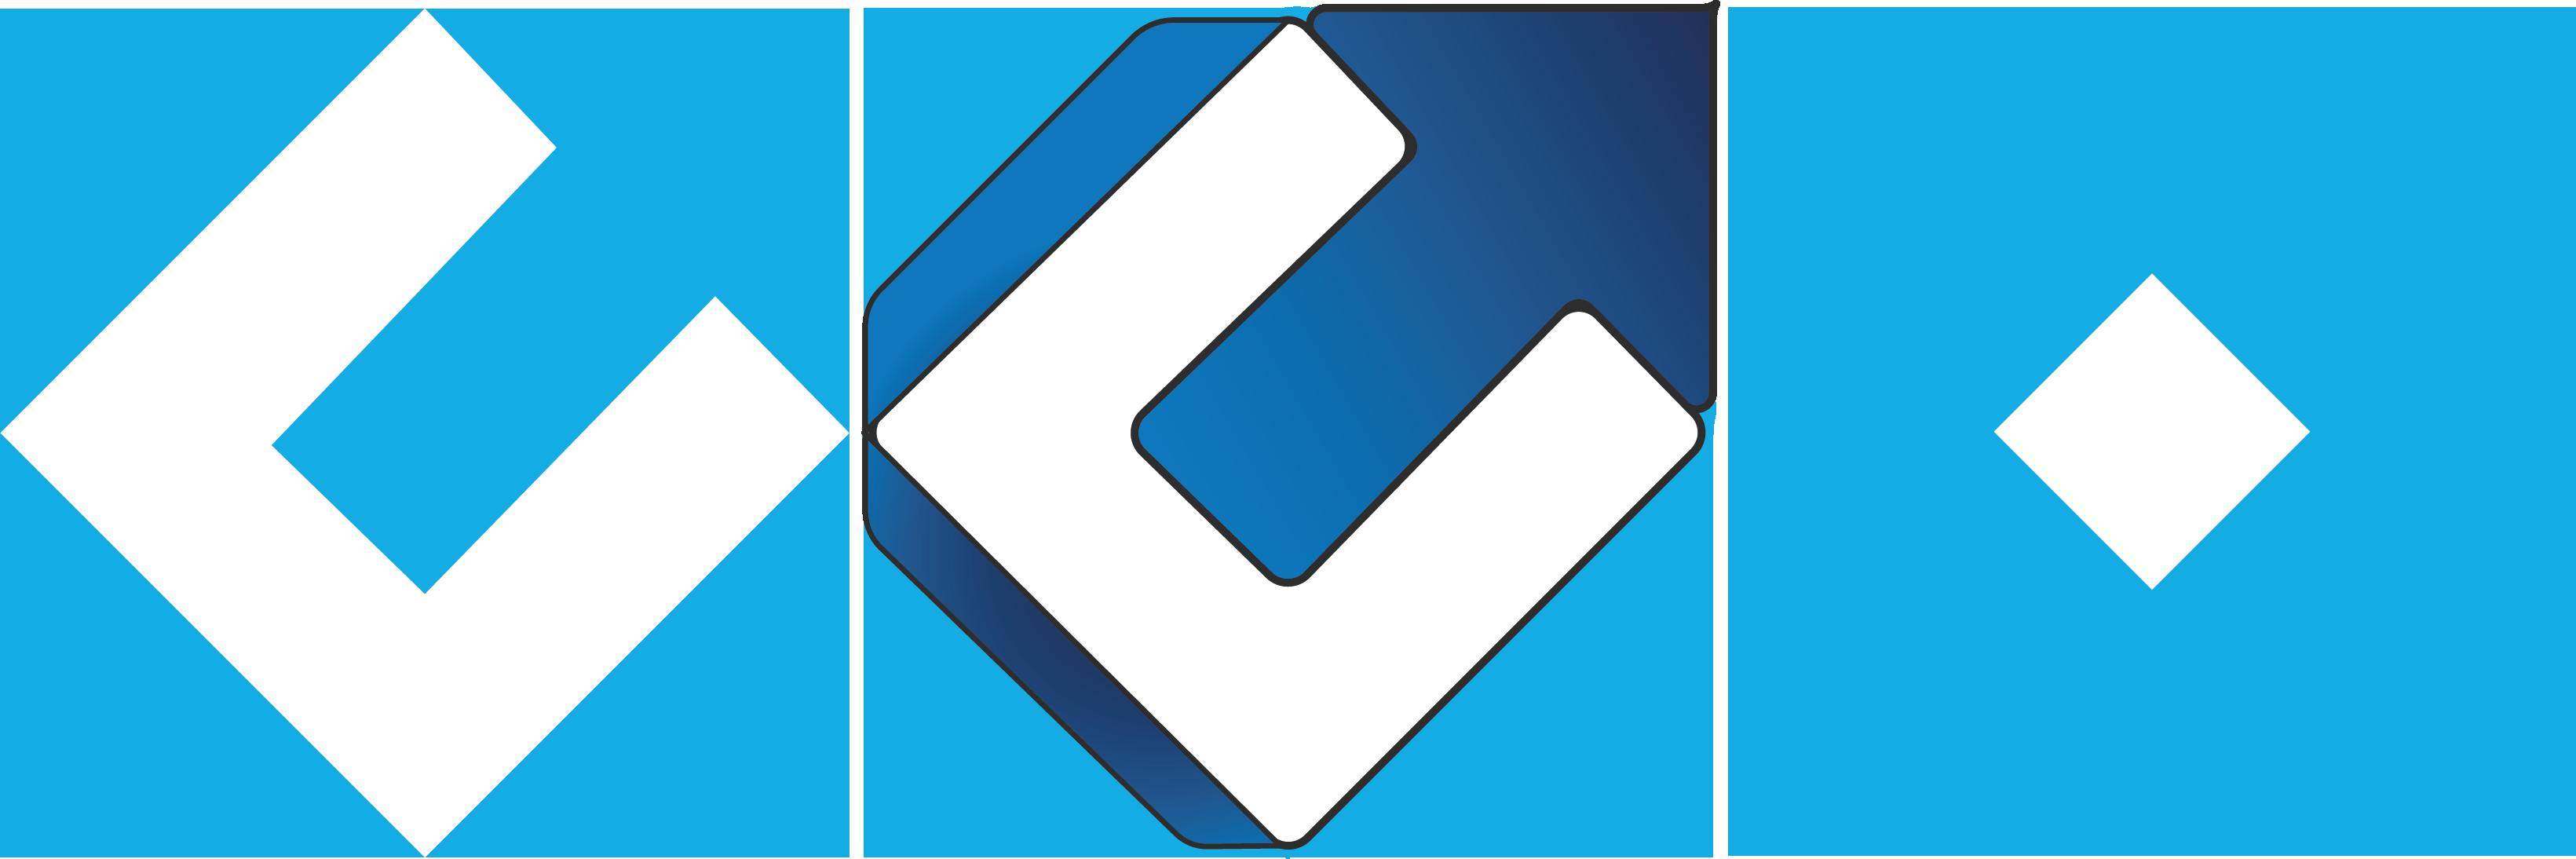 Les diverses itérations du logo